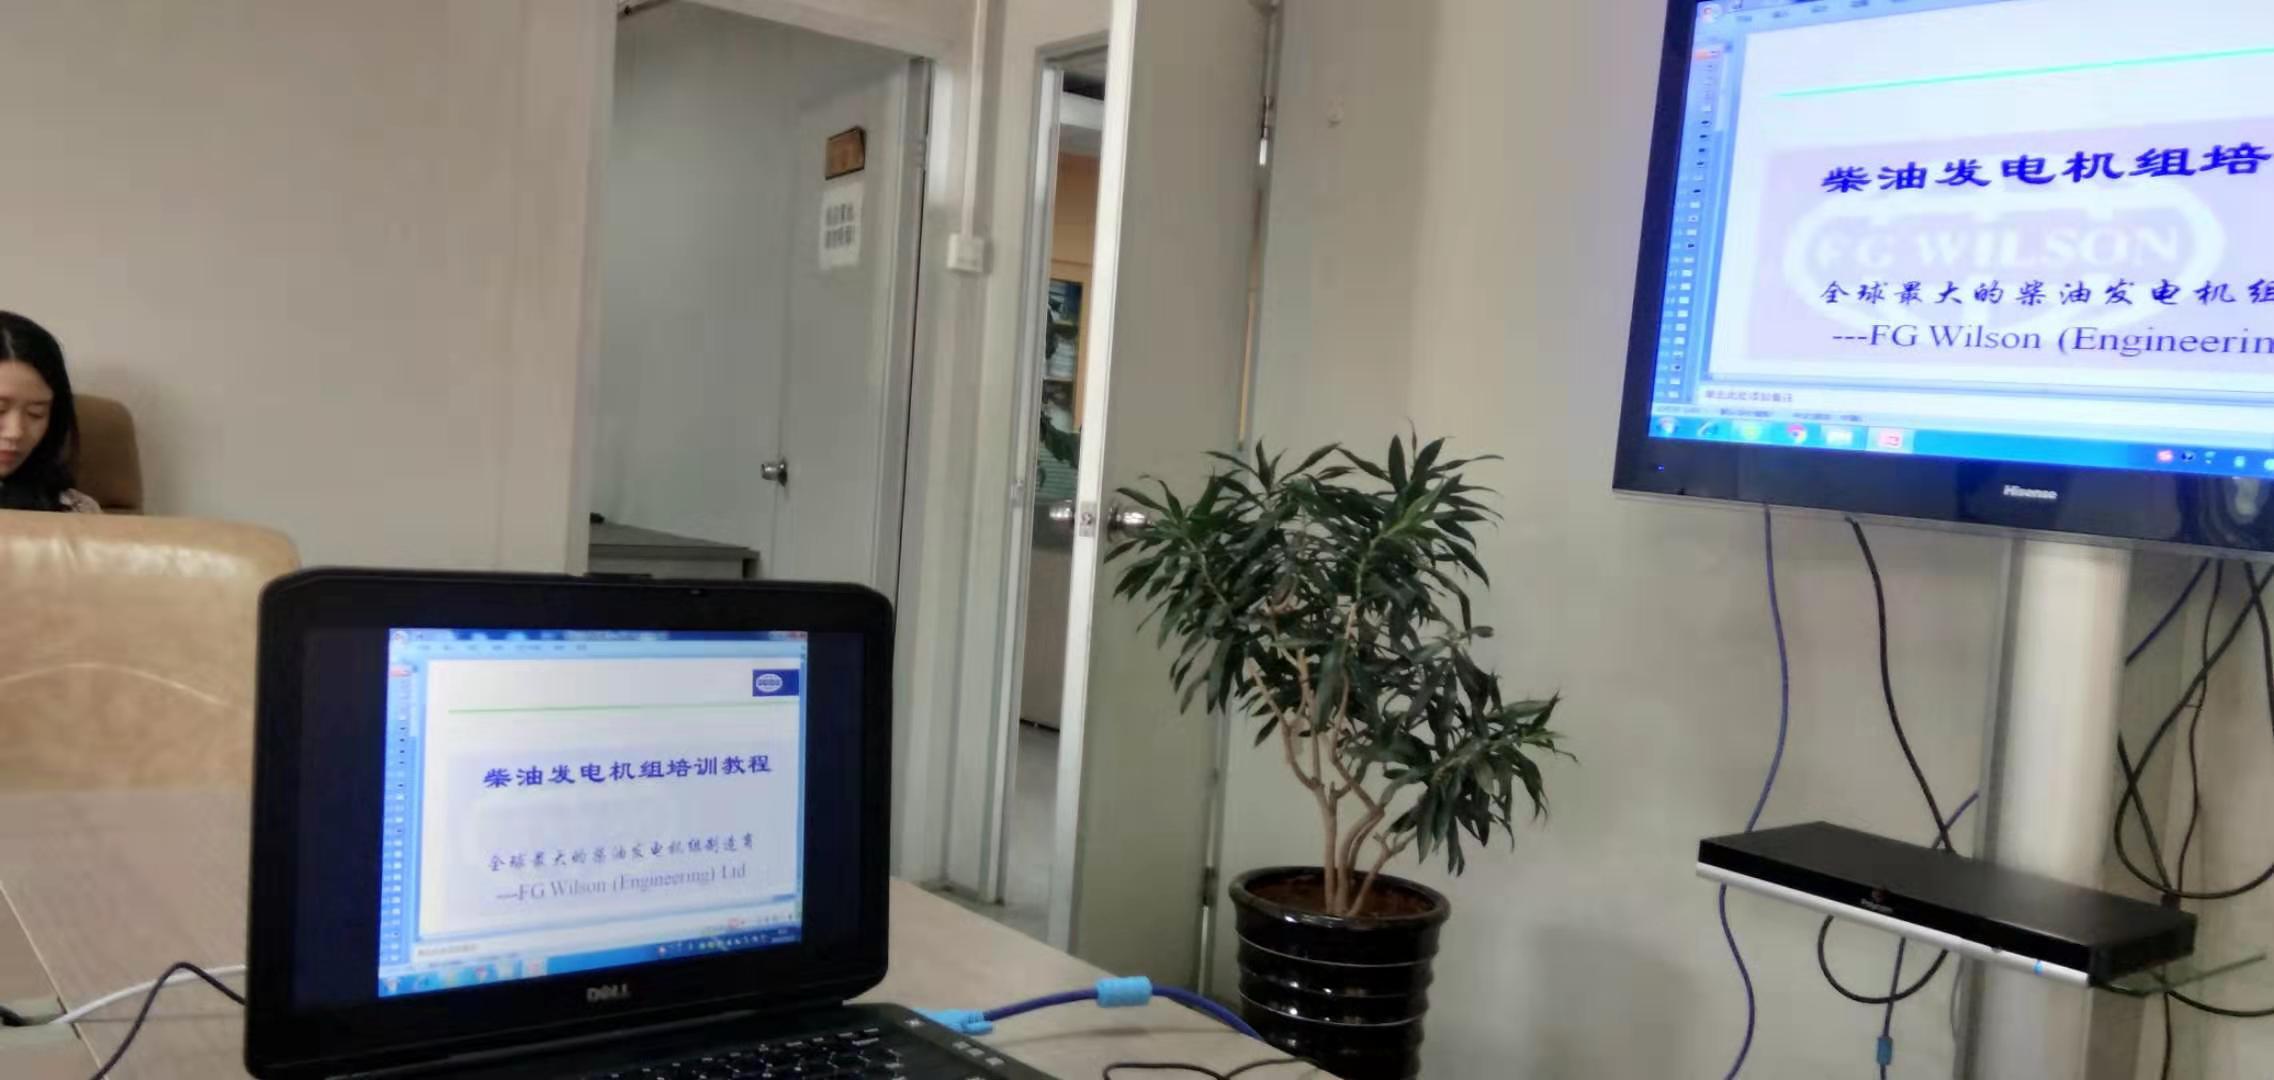 陕西采气厂进行威尔信发电机组岗前操作培训